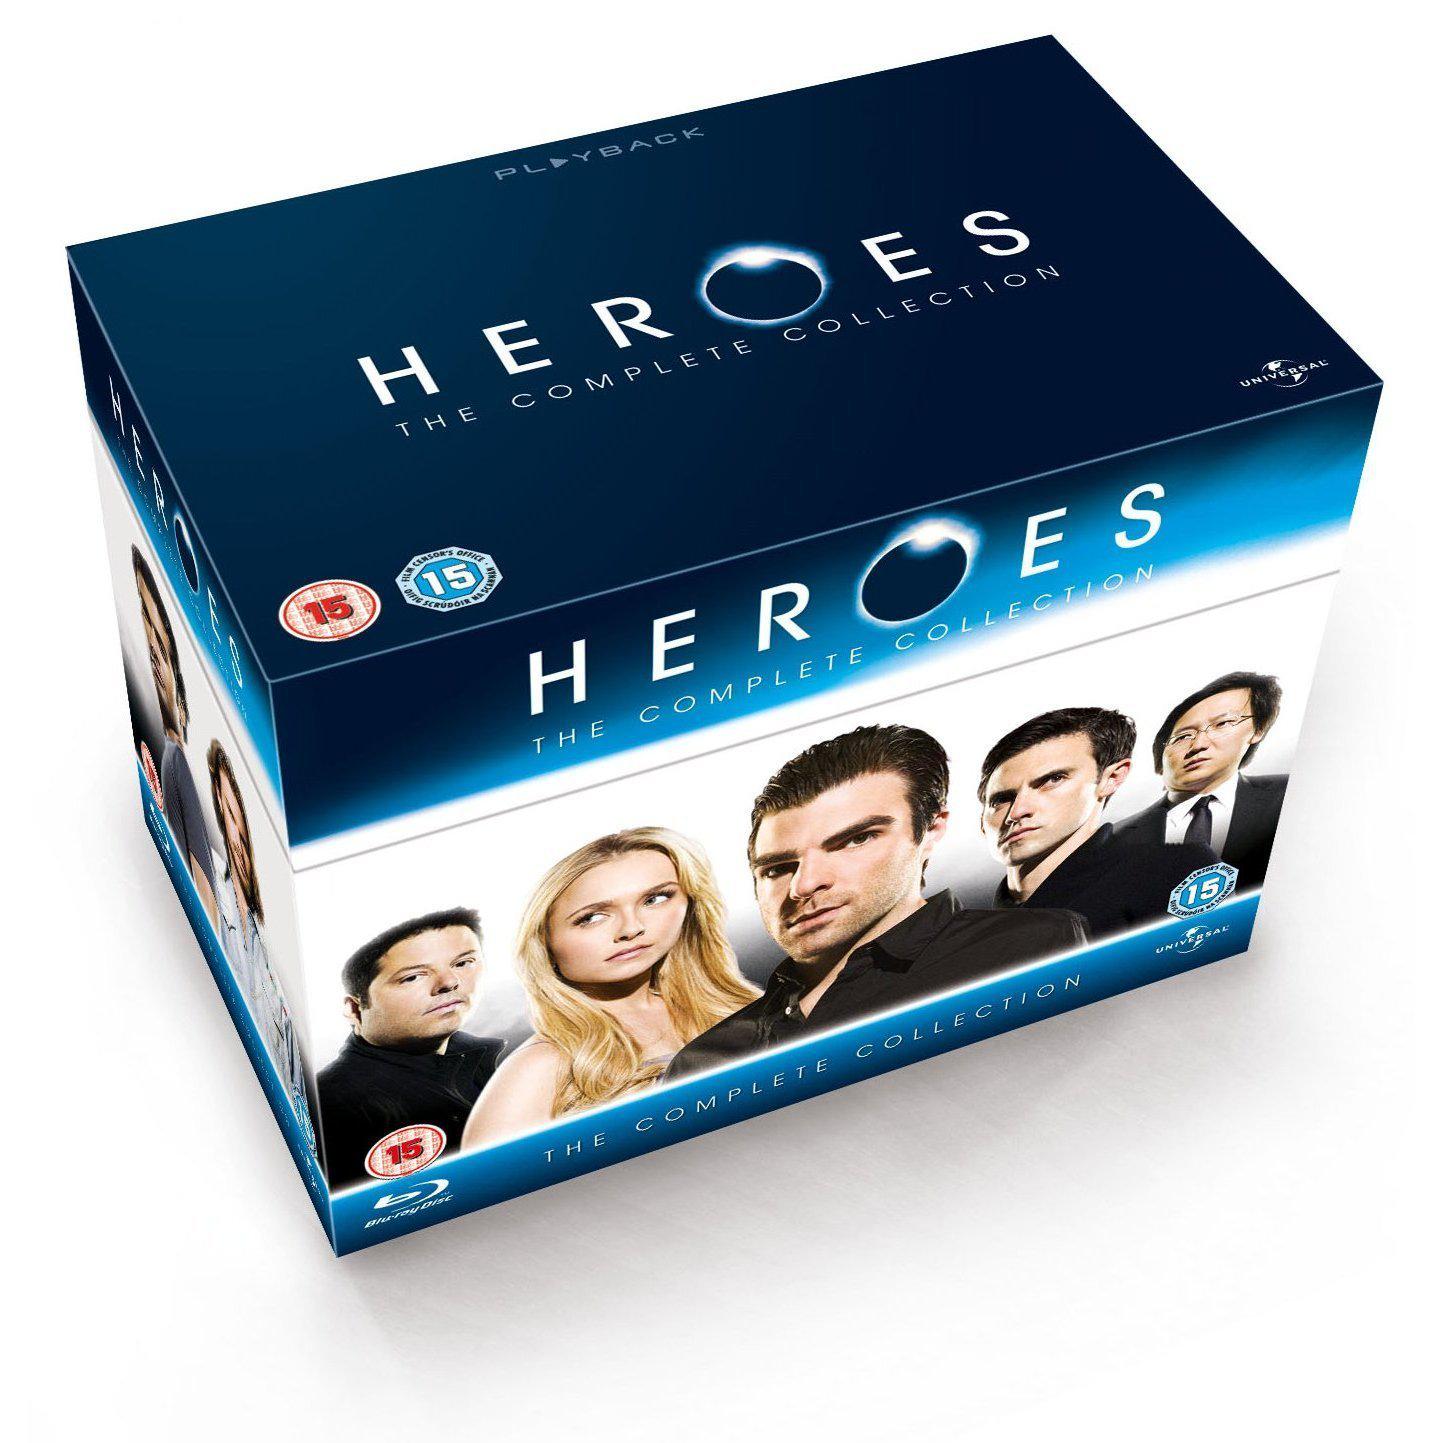 Coffret Blu-ray Heroes Saison 1 à 4